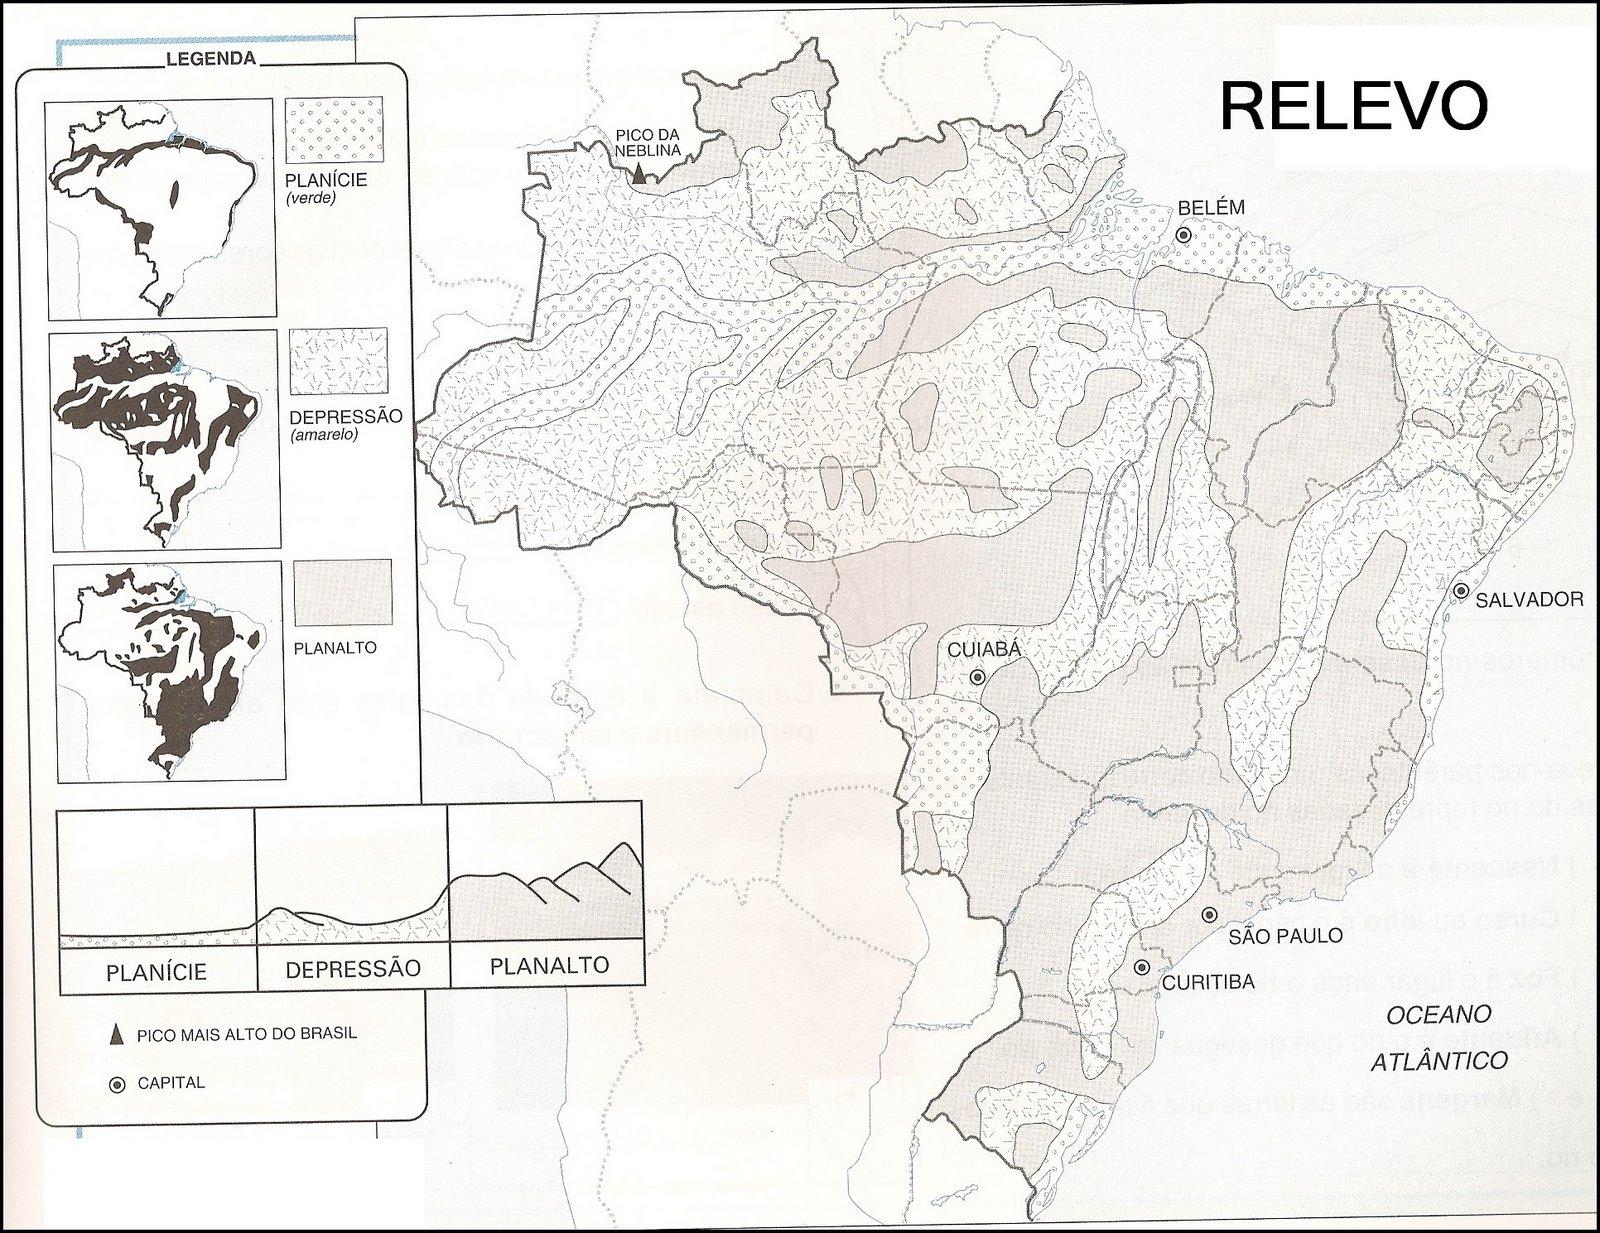 Relevo Classificacao Do Relevo Brasileiro Segundo Jurandyr L S